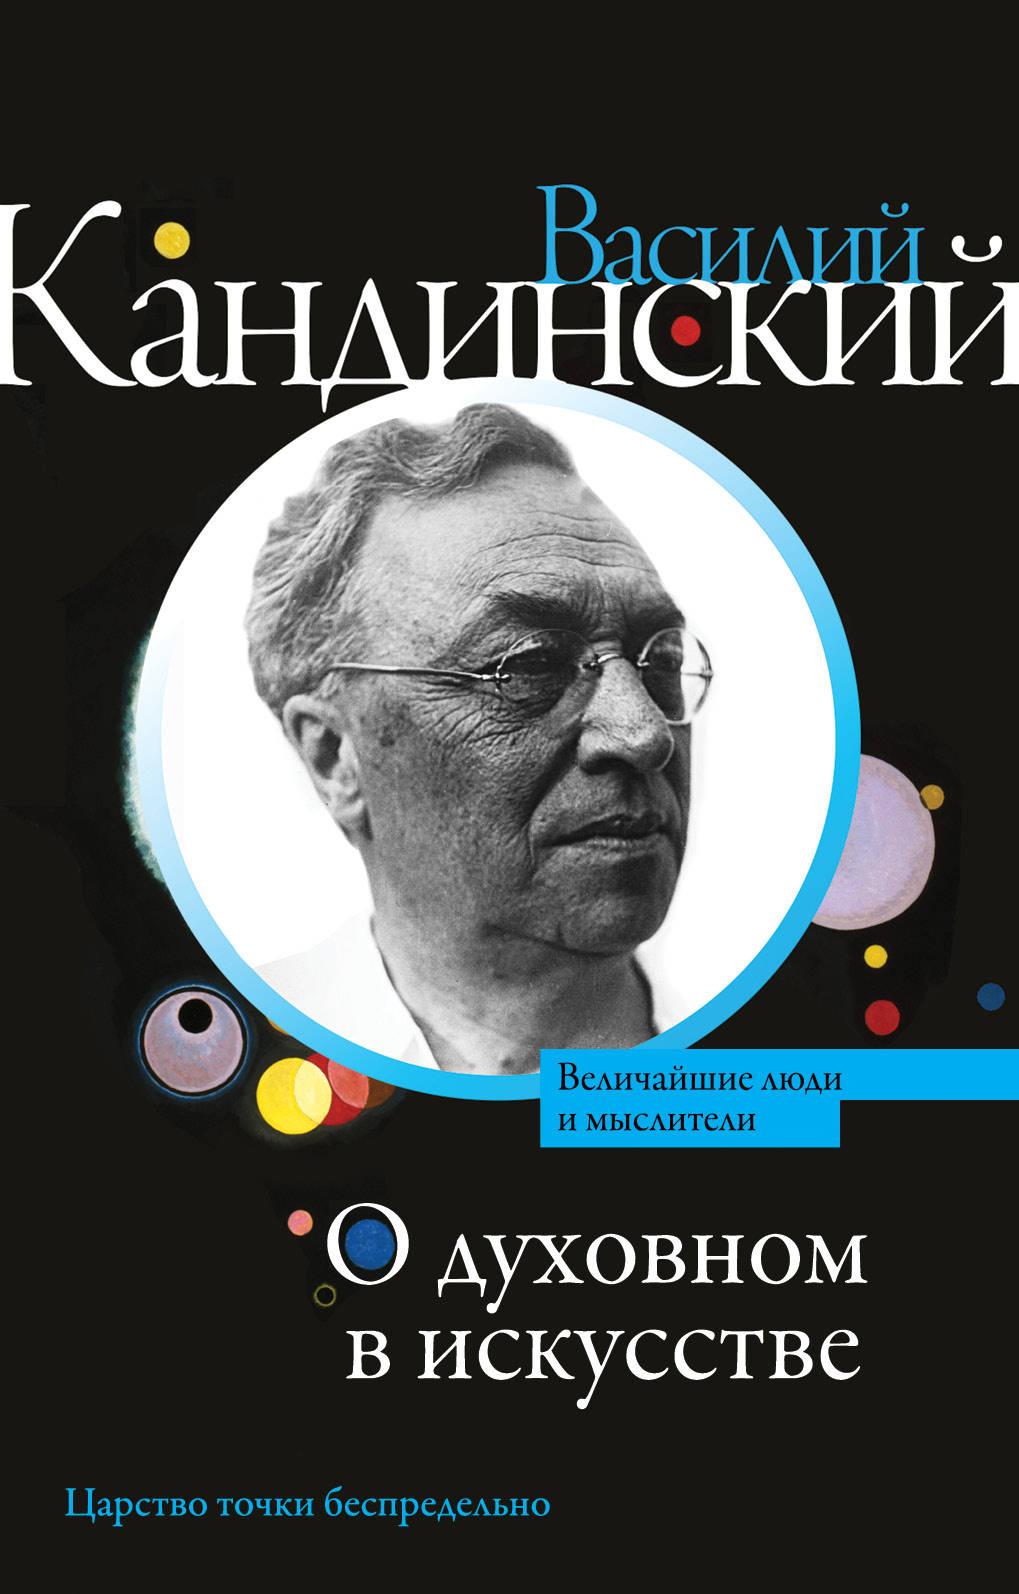 Василий Кандинский. О духовном в искусстве | Кандинский Василий Васильевич